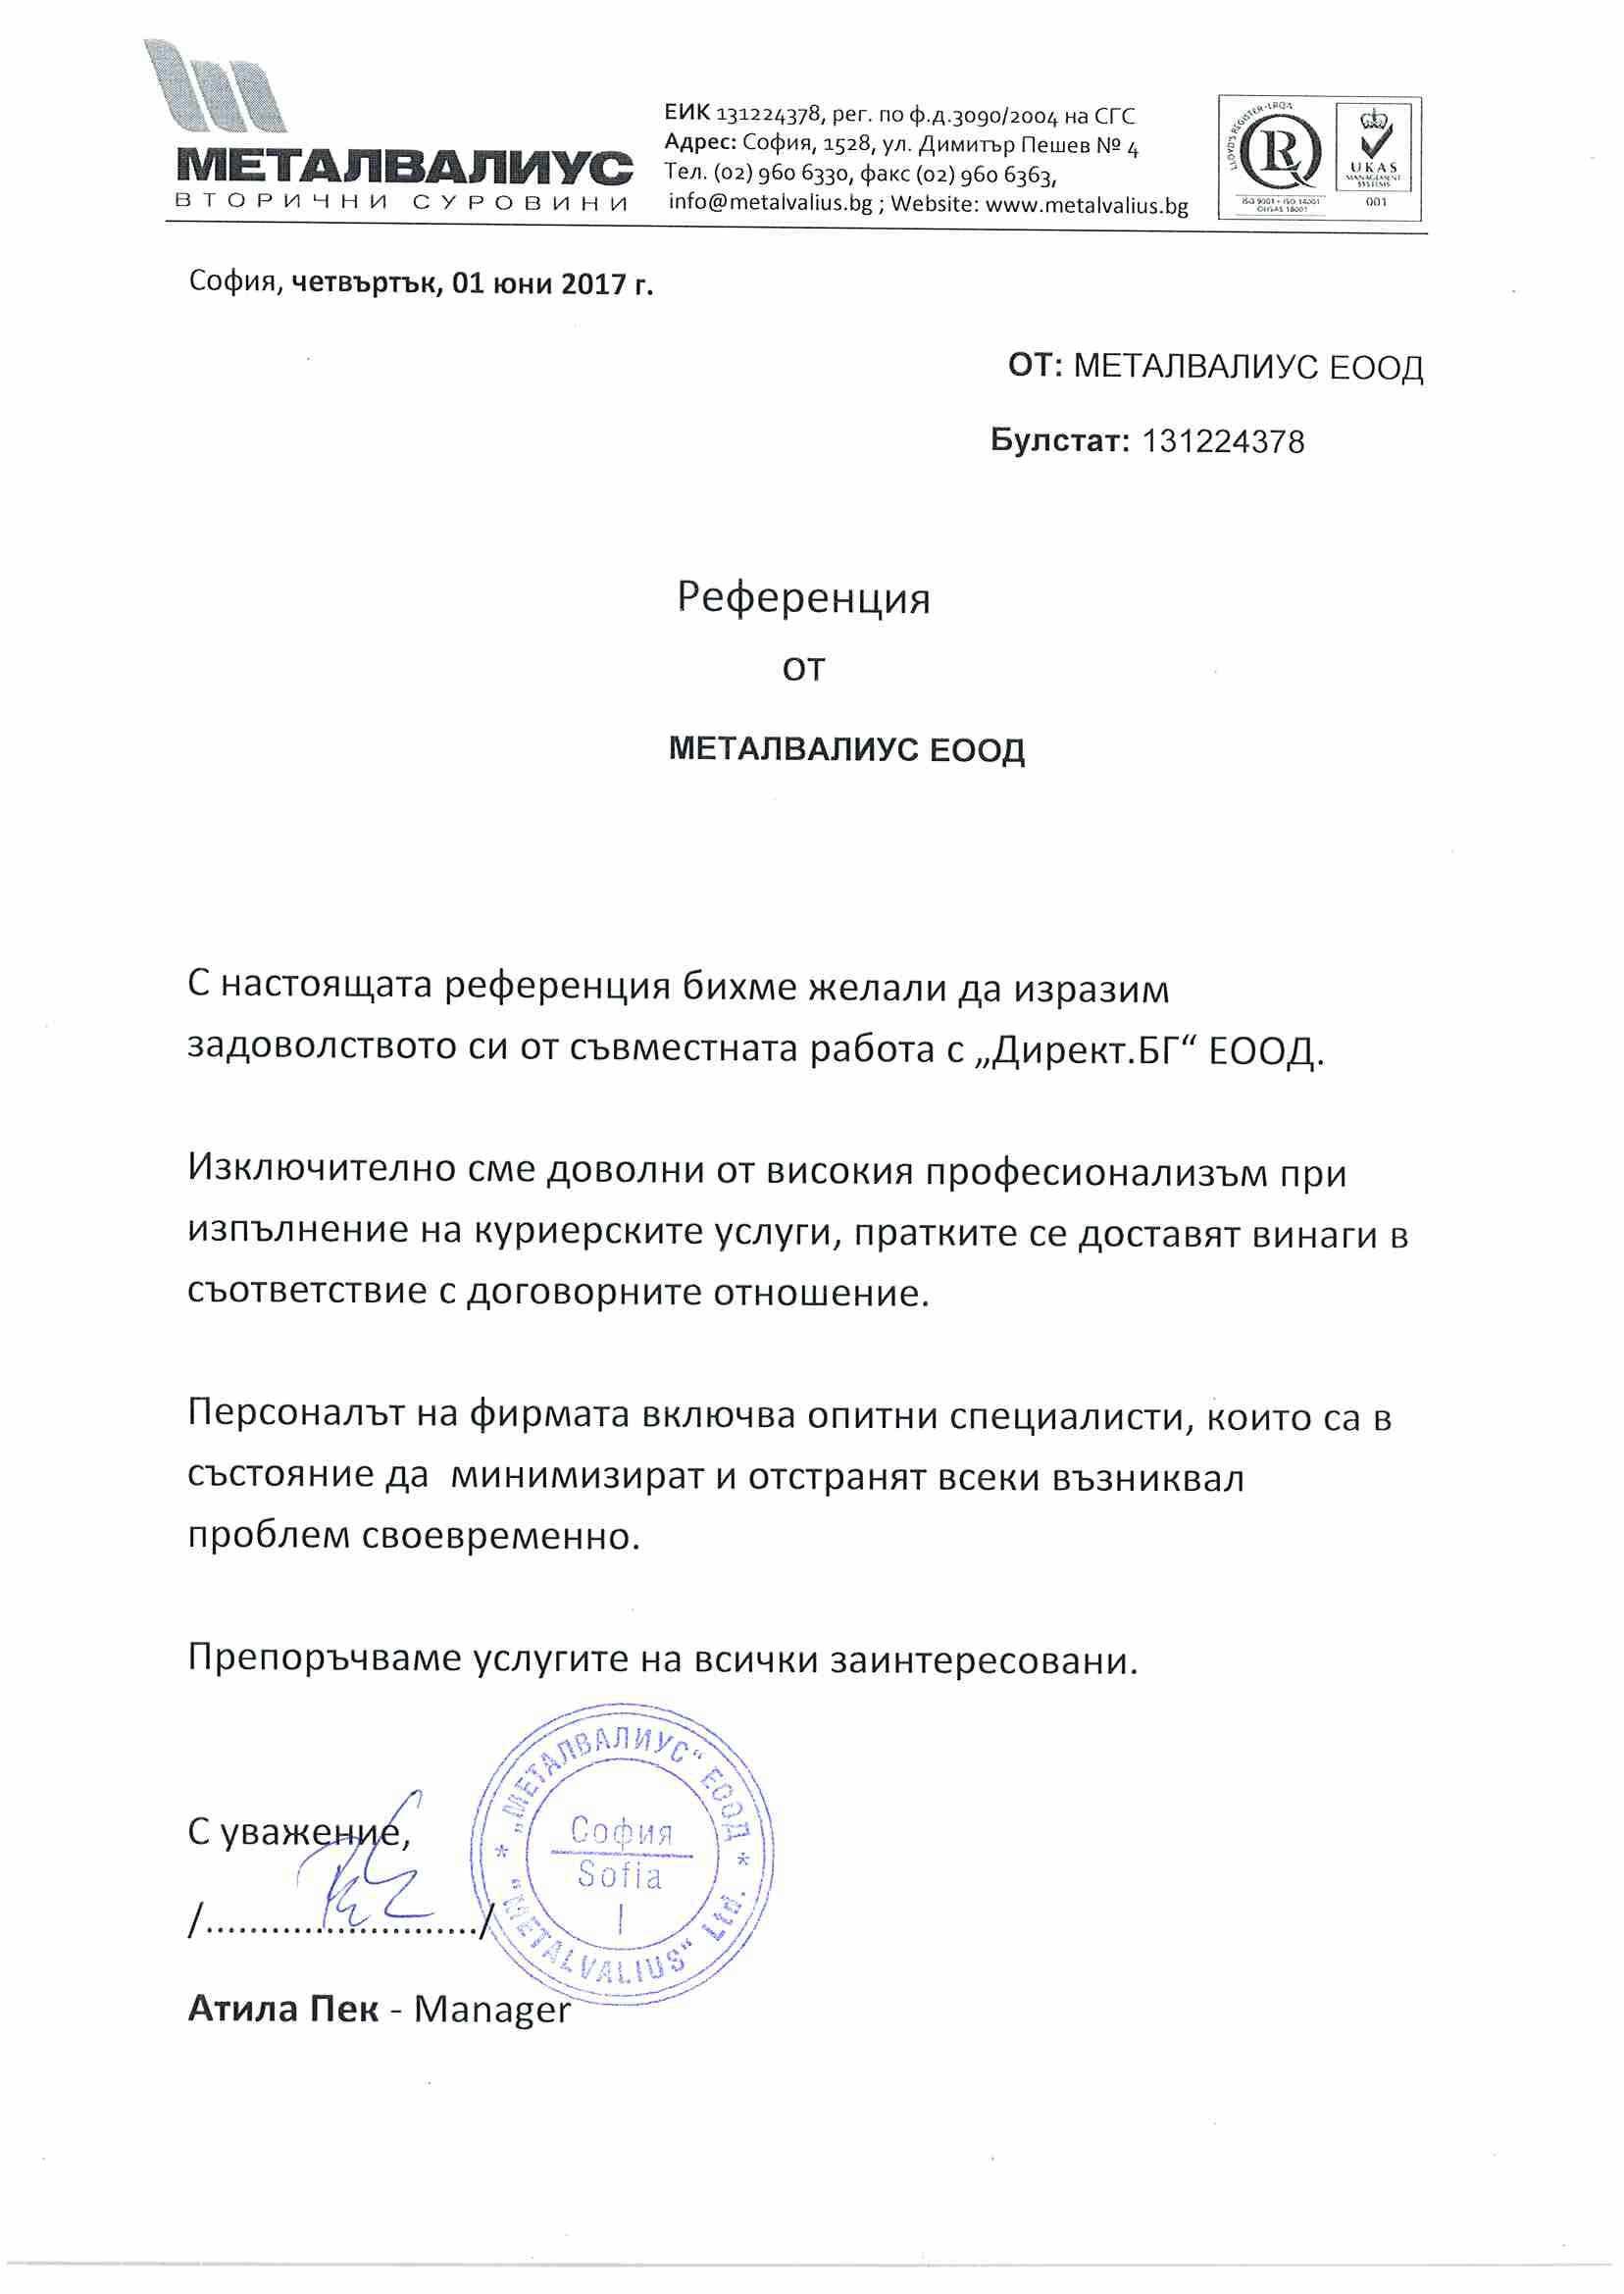 Референцияот МЕТАЛВАЛИУС ЕООД